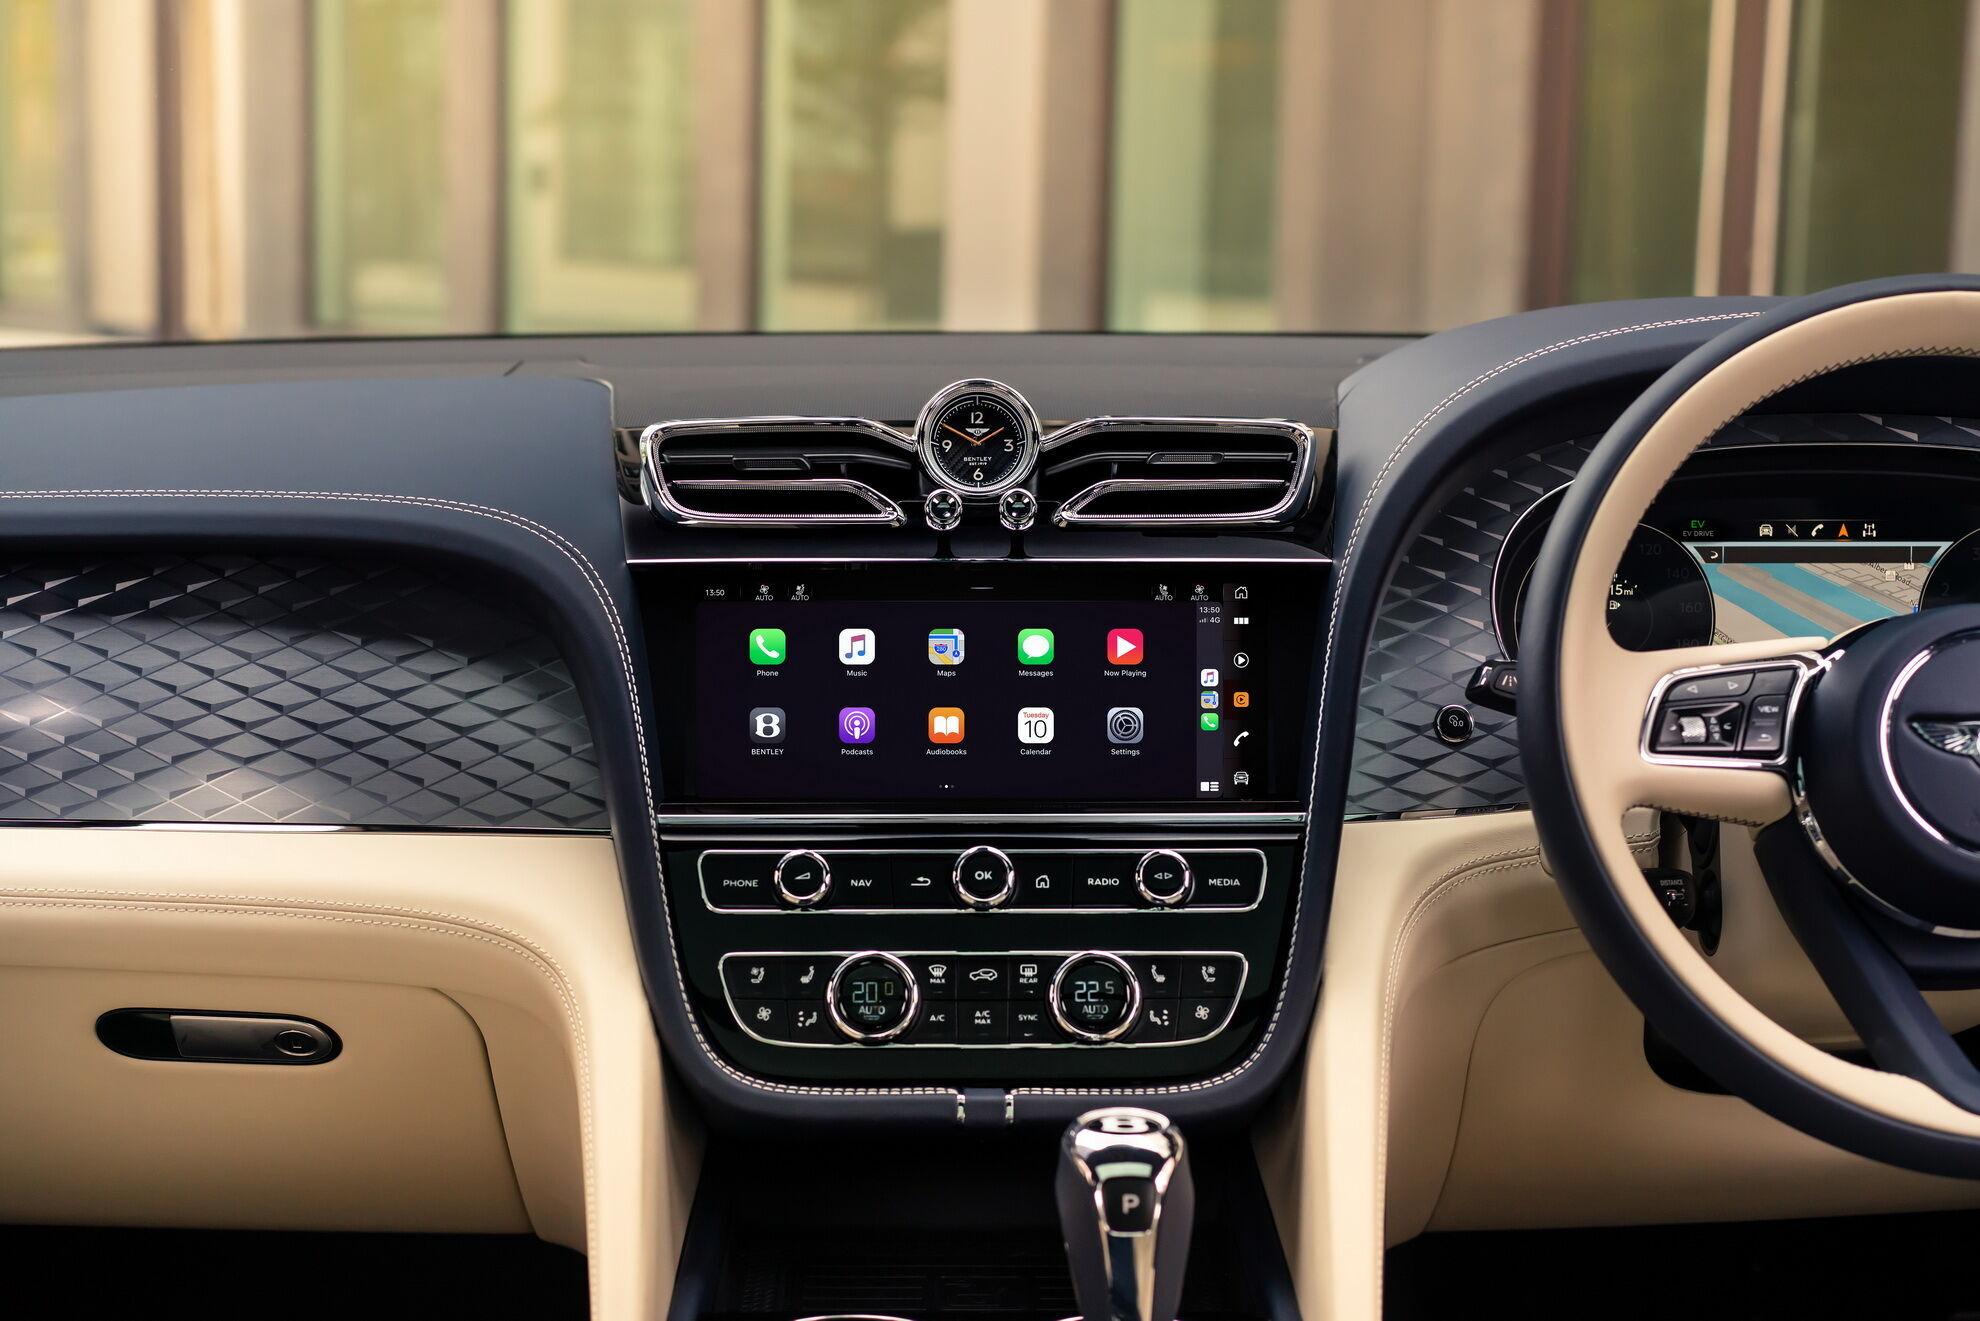 Нова інфо-розважальна система отримала широкоформатний 10,9-дюймовий екран та розширений функціонал